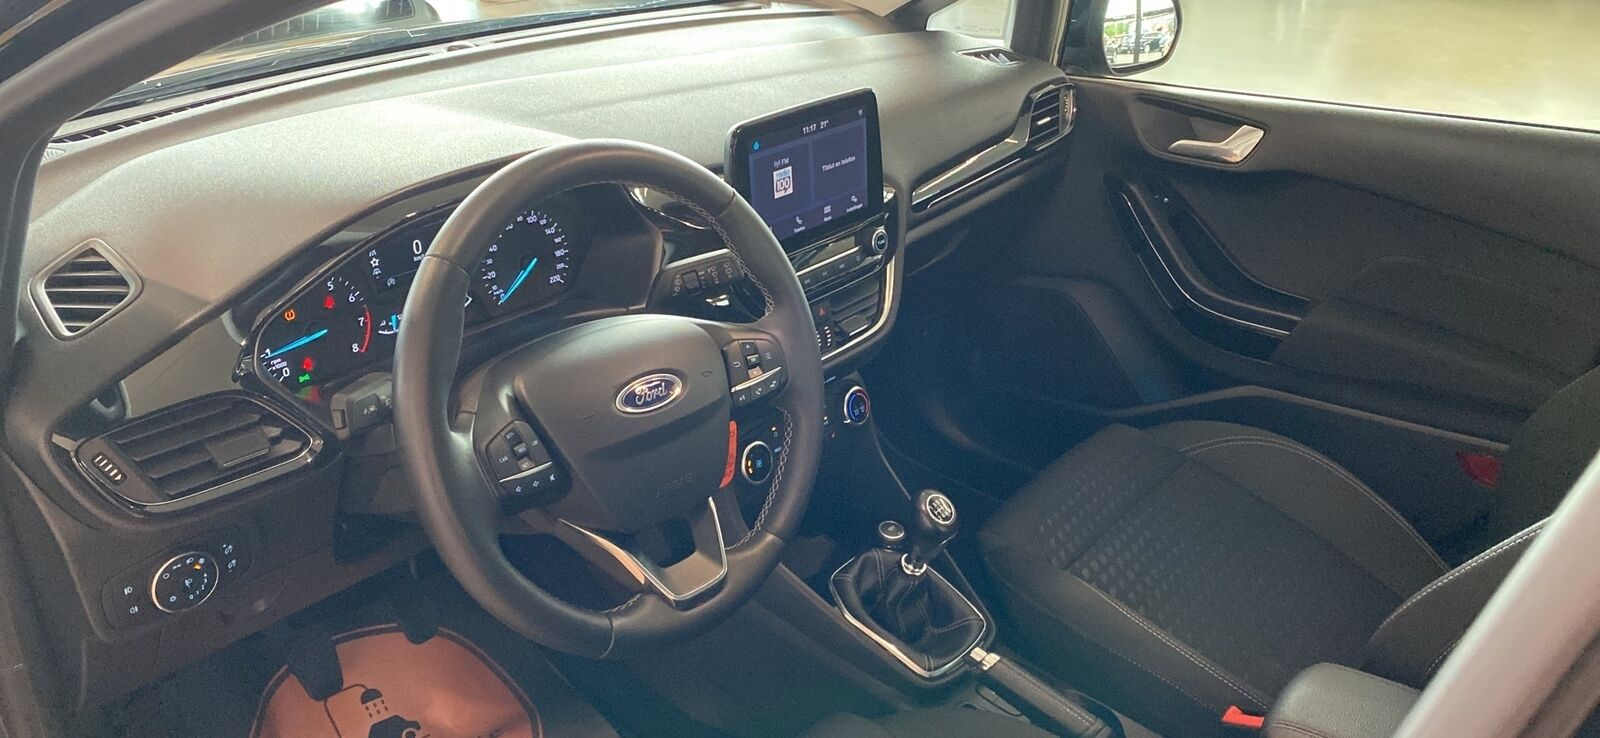 Billede af Ford Fiesta 1,0 EcoBoost Titanium Van